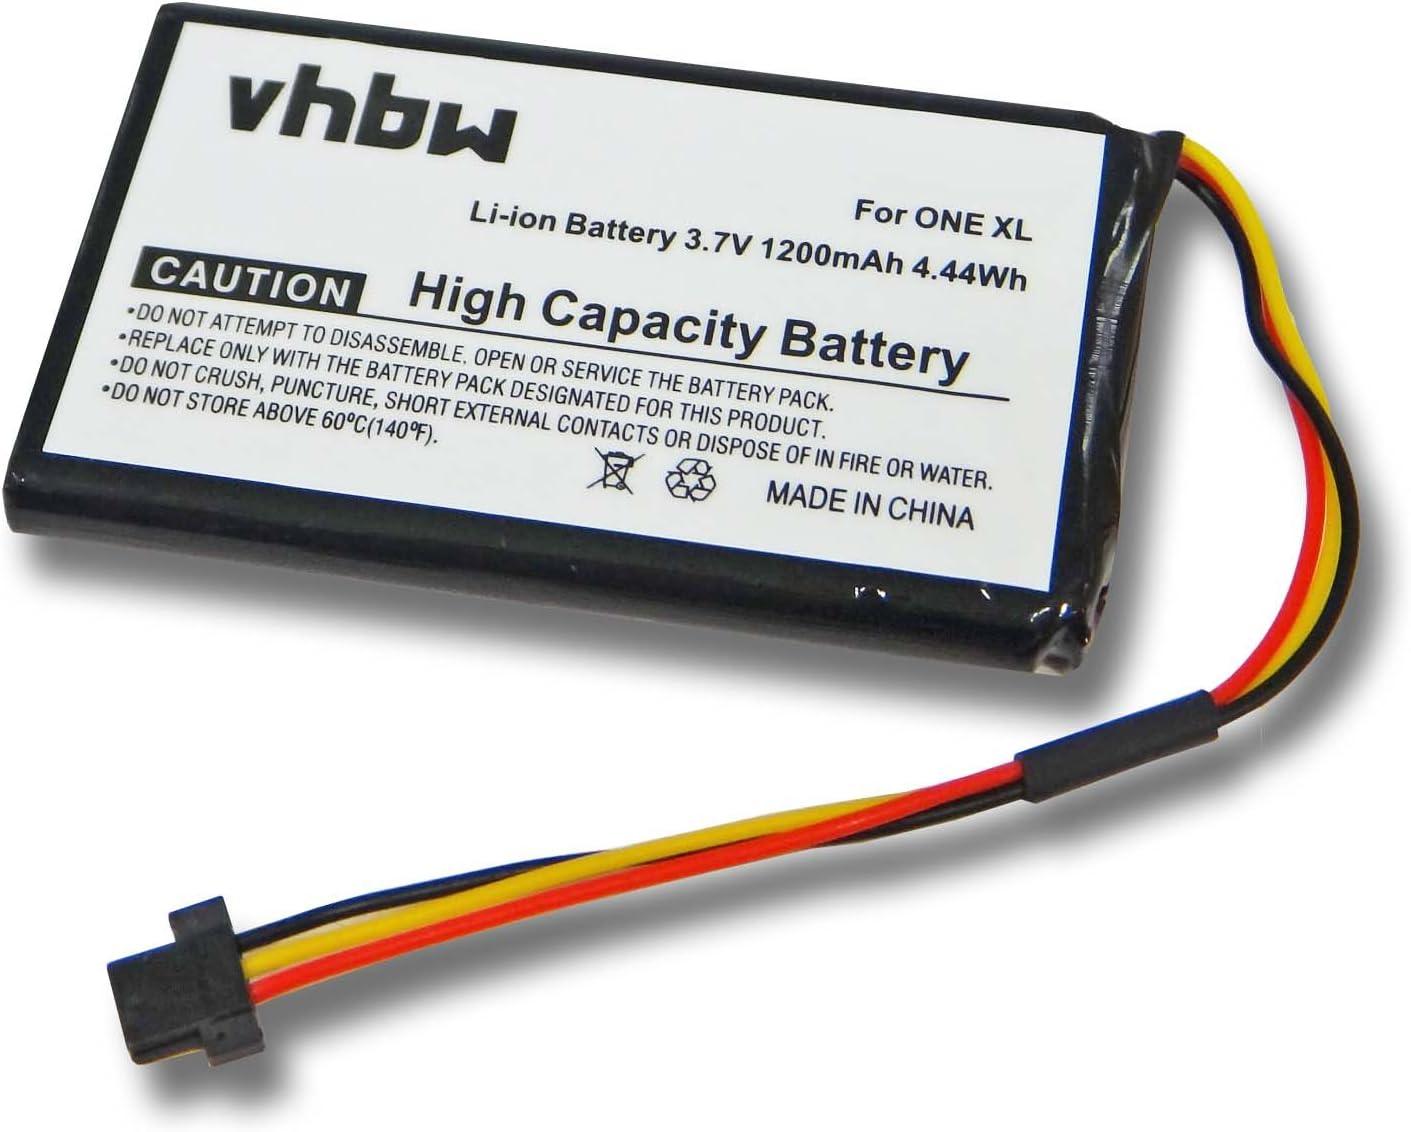 vhbw Batería Li-Ion 1200mAh (3.7V) para navegador, GPS Tomtom One XL 340, 340s, Traffic Europe, Pro 4000, V3, Series 30, Holiday, IQ, Live, XXL.